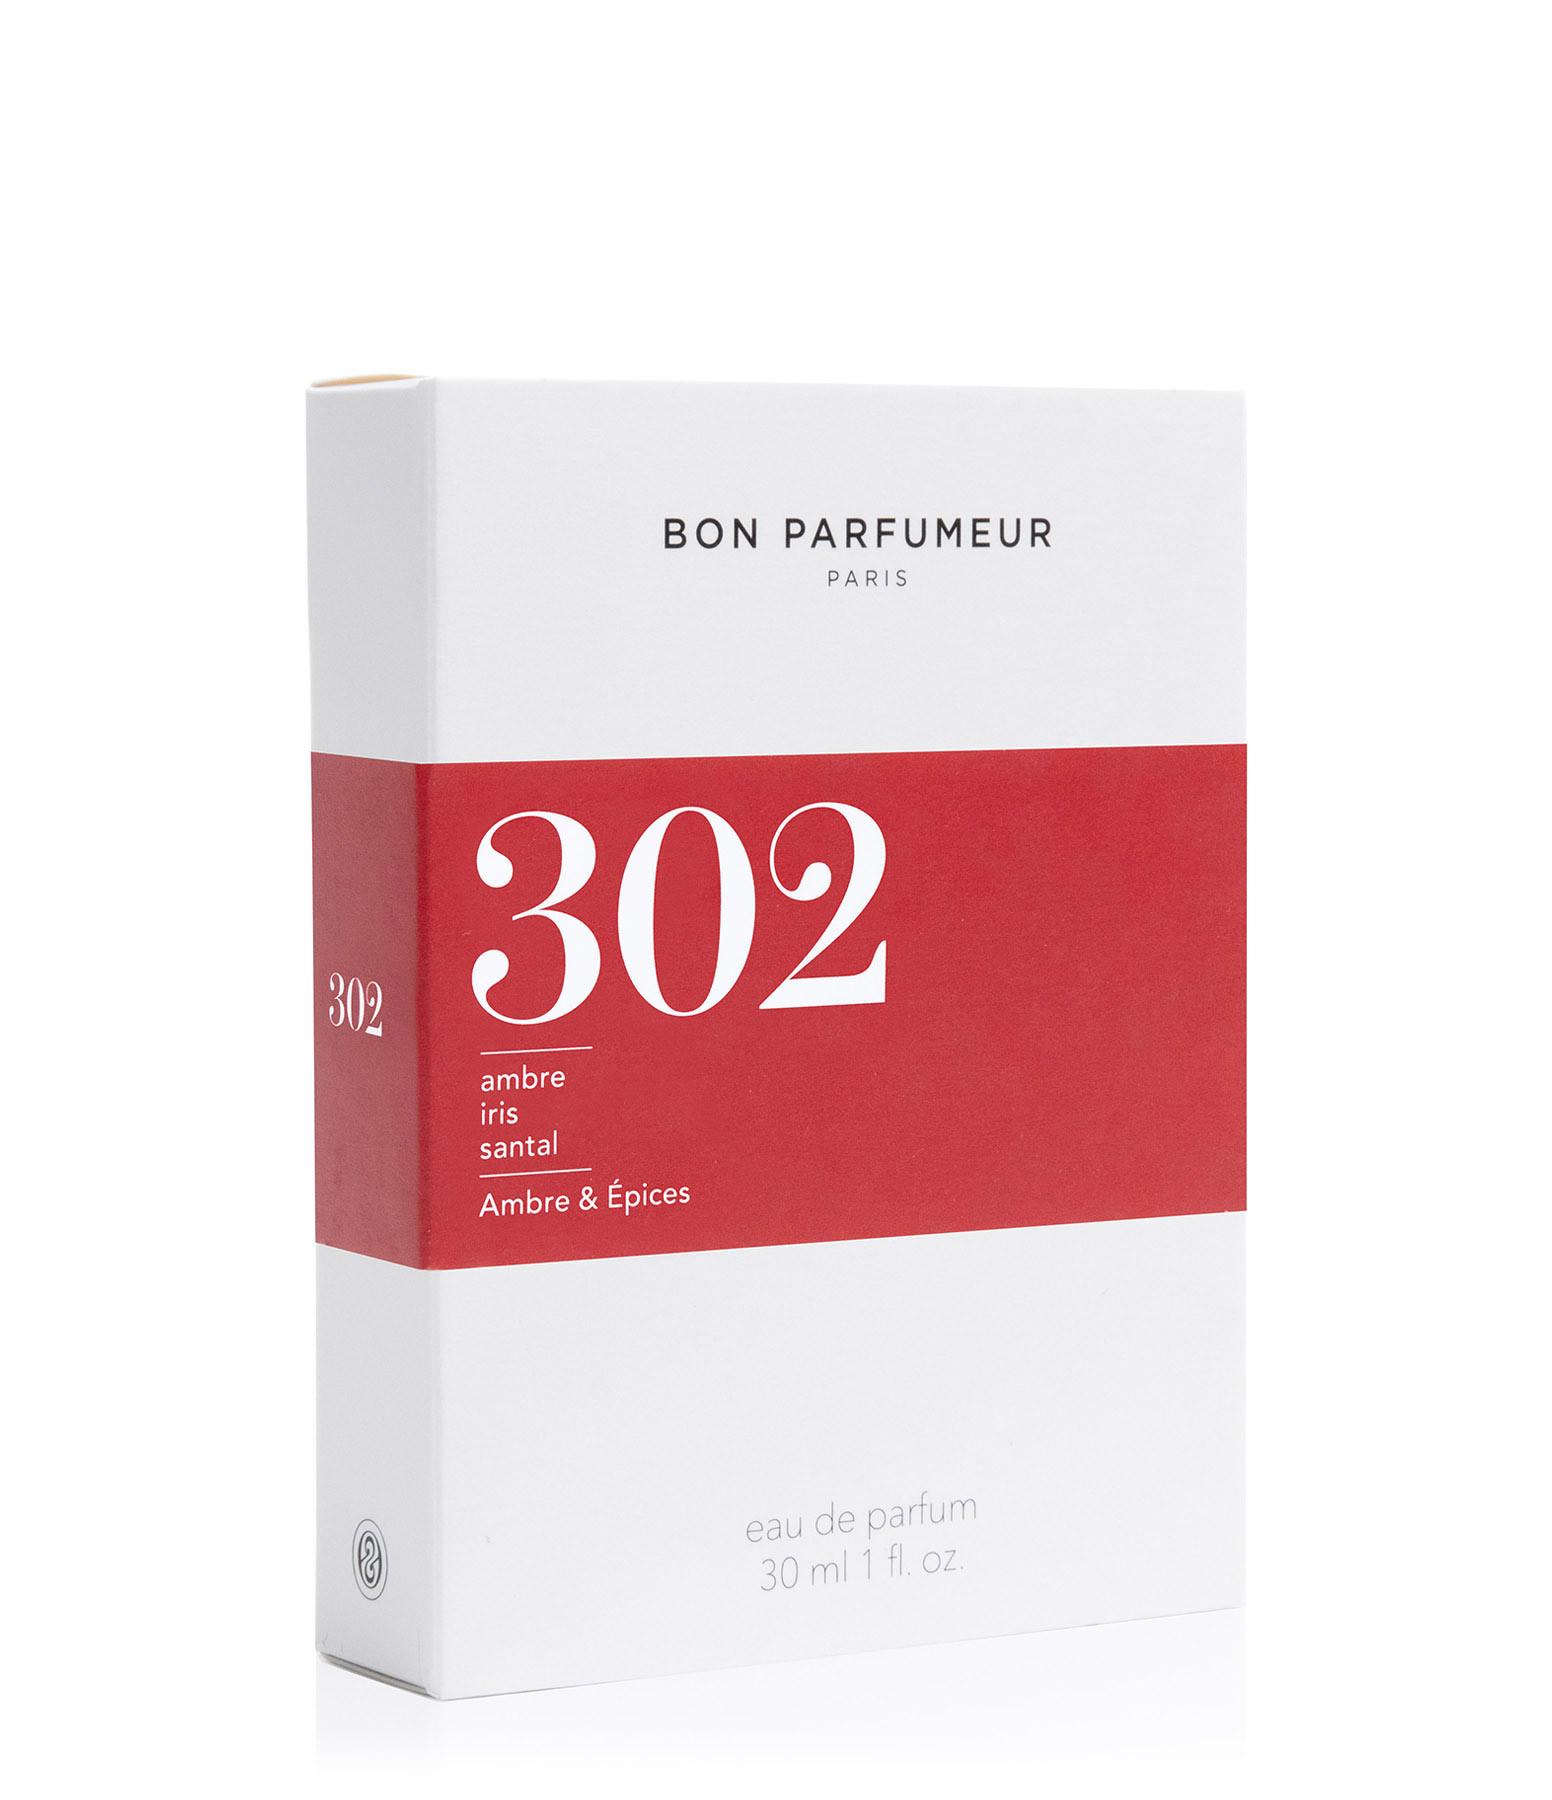 BON PARFUMEUR - Eau de Parfum #302 Ambre, Iris, Santal